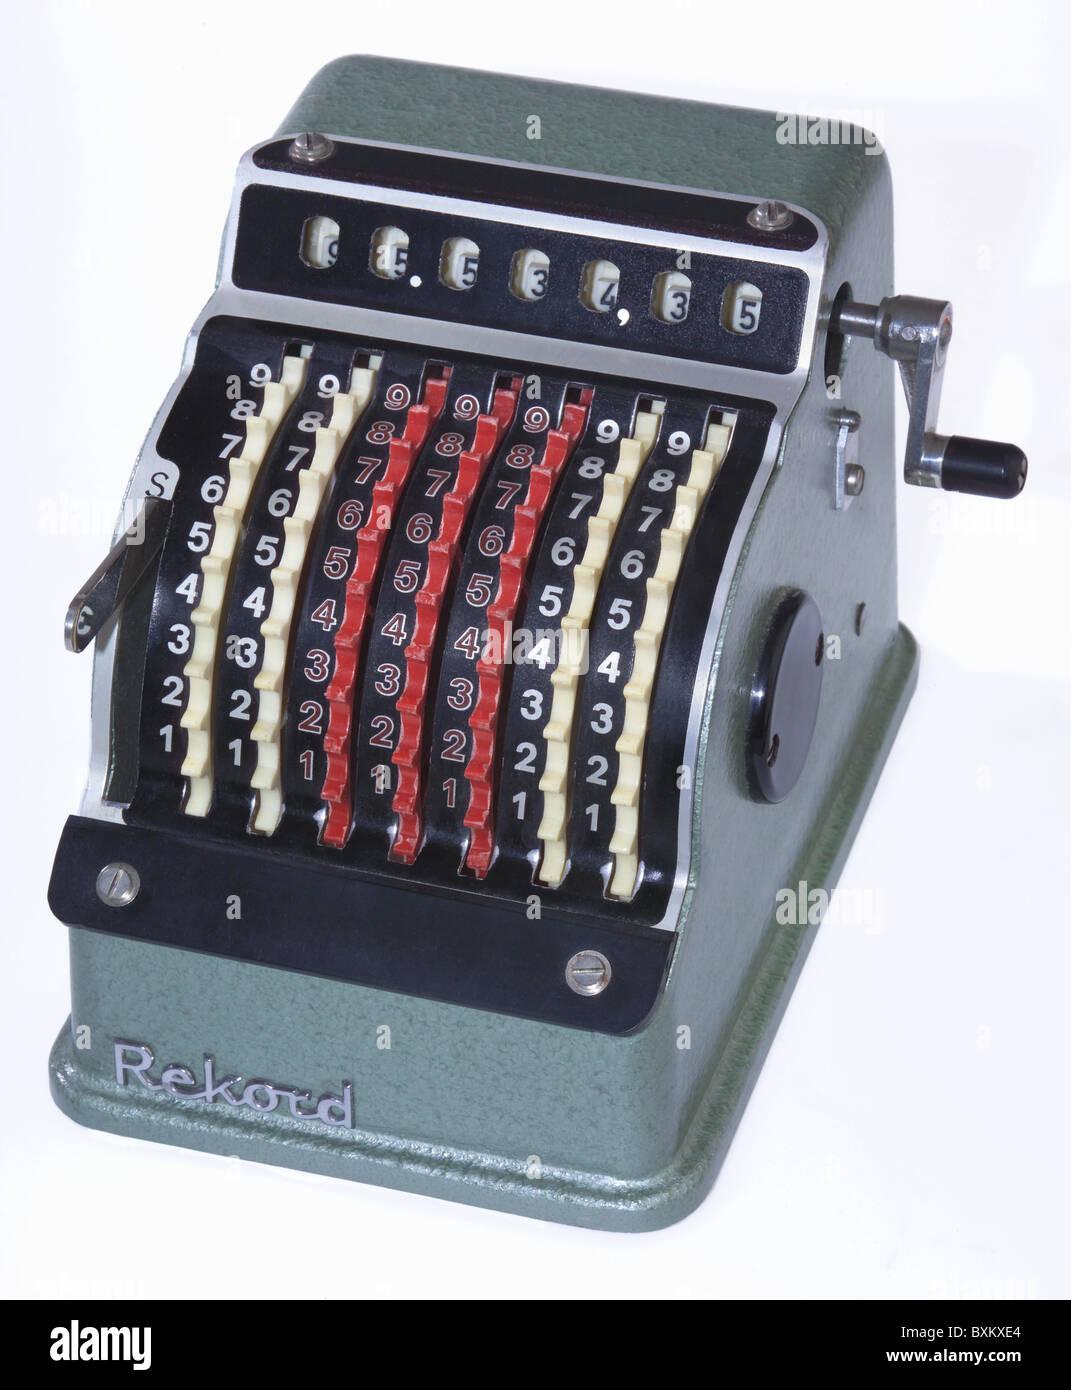 Bureau, Matériel de bureau, d'une calculatrice, calculatrice mécanique, 500, tableau calculatrice, Photo Stock